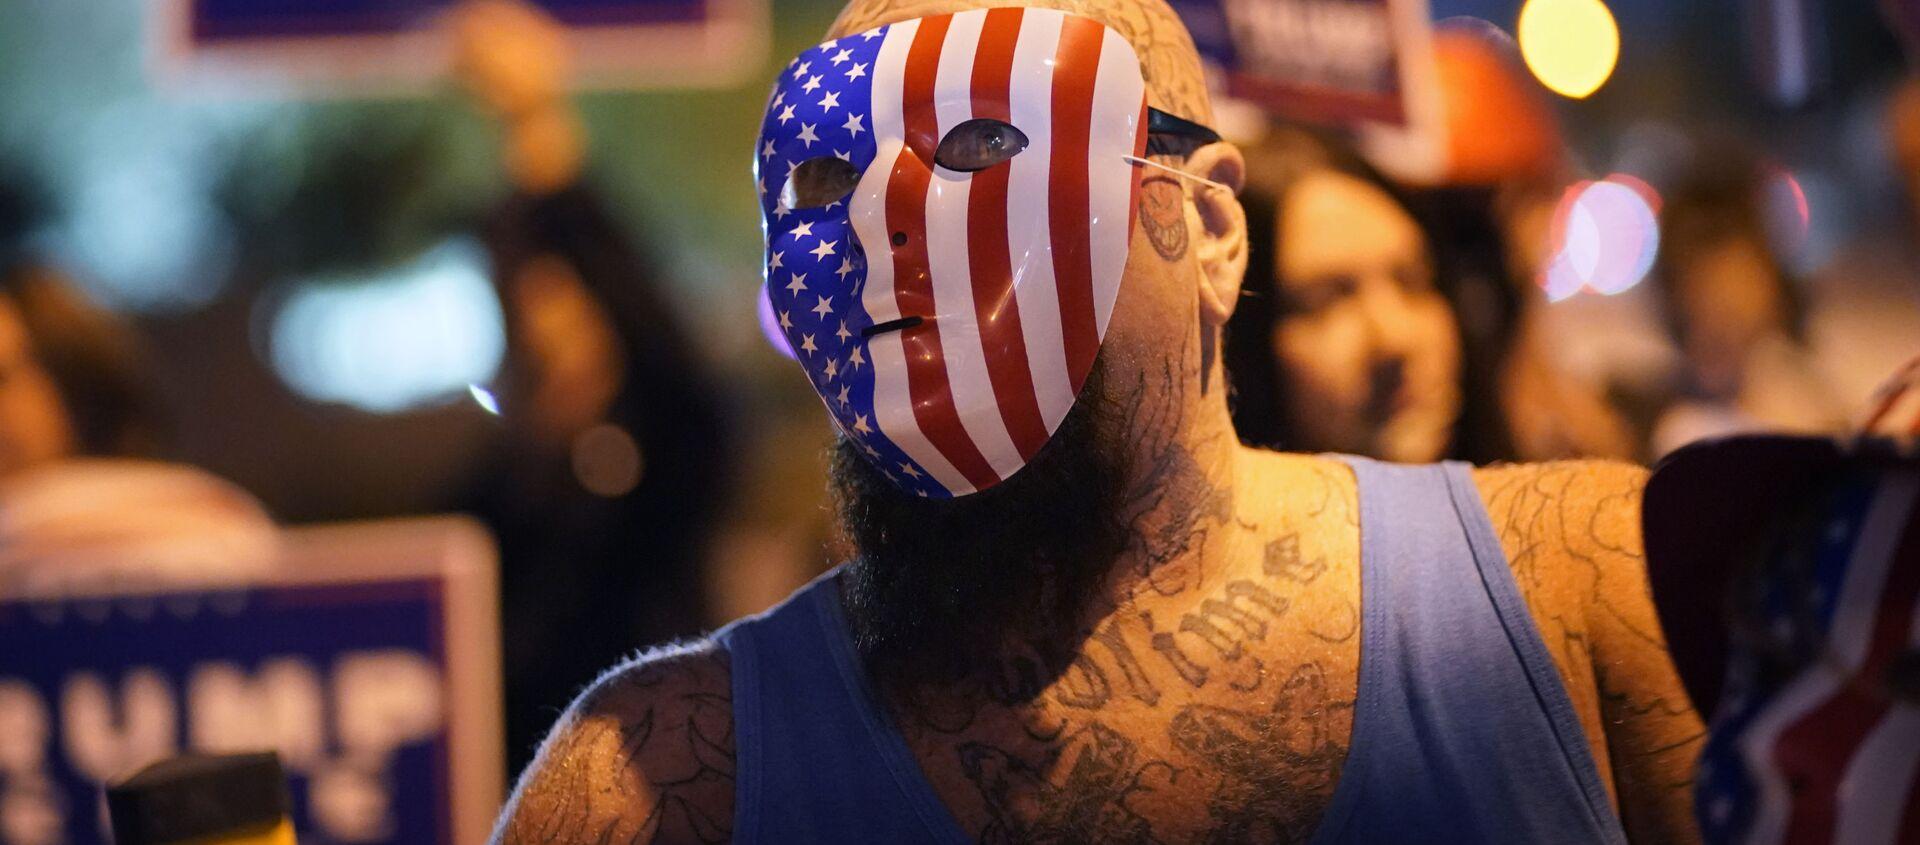 Сторонники президента Дональда Трампа протестуют против результатов выборов, Лас-Вегас - Sputnik Таджикистан, 1920, 12.01.2021